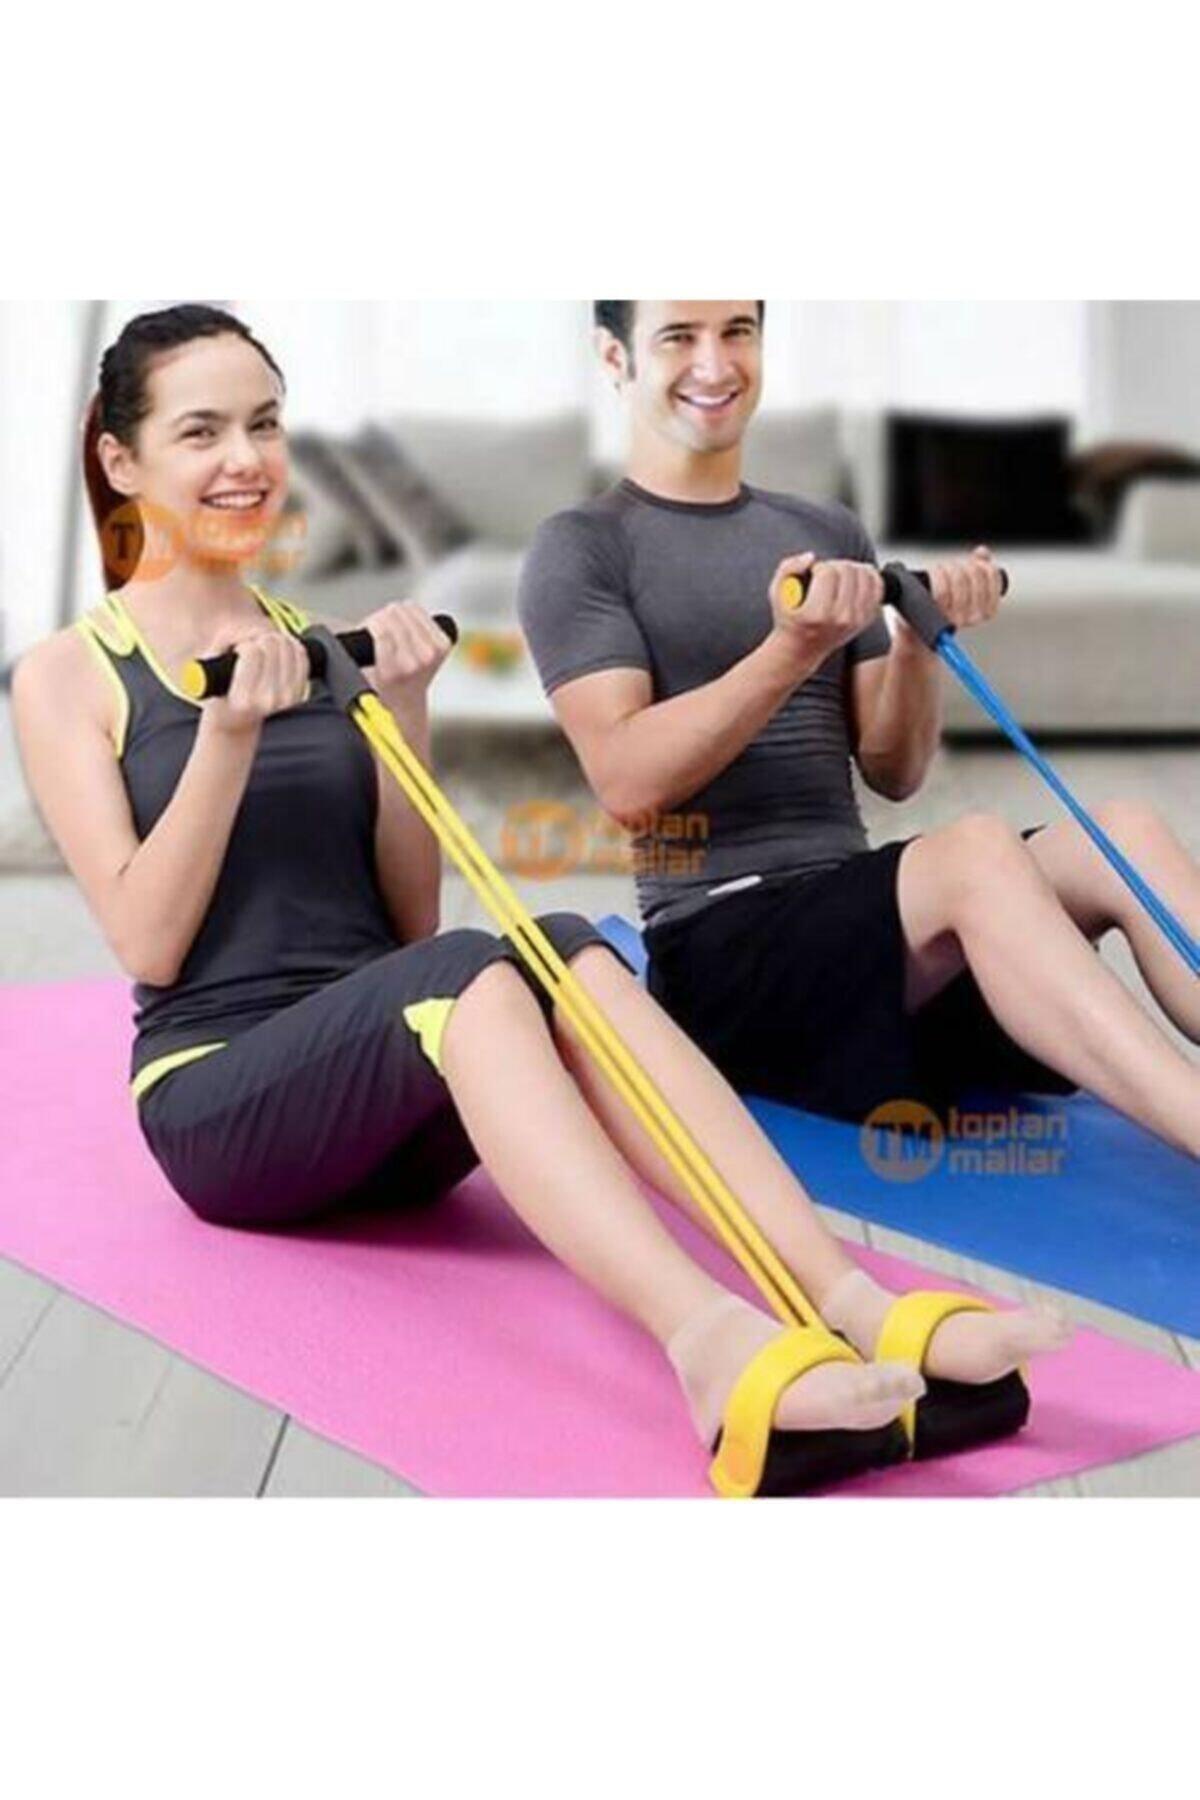 AVESSA Sarı Body Trimmer Ayaklı Direnç Karın Egzersiz Lastiği 1